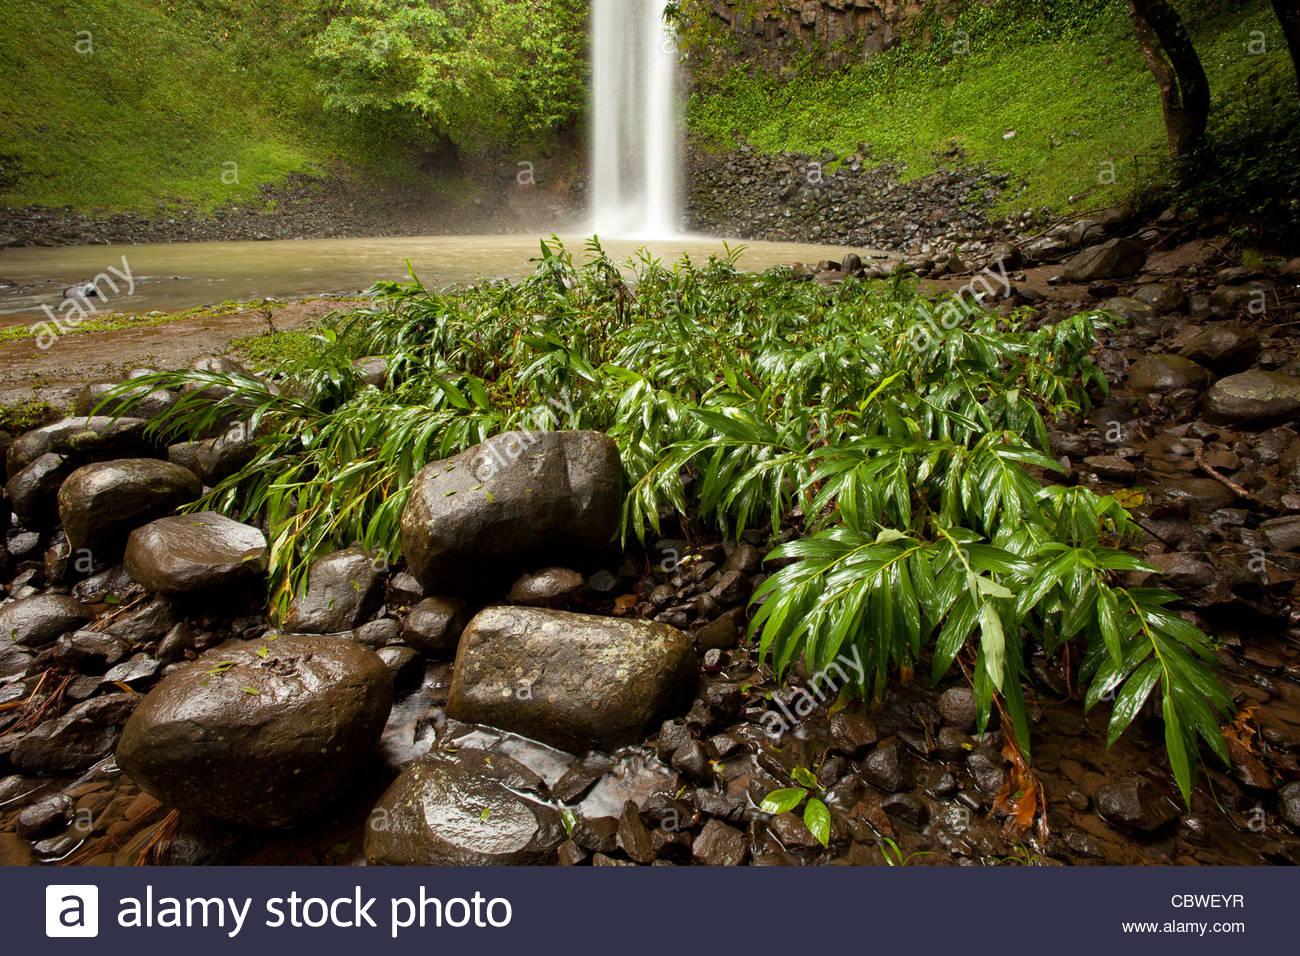 Wasserfall Chorro Las Palmas, in Area Recreativa El Salto de Las Palmas, Provinz Veraguas, Republik von Panama. Stockbild